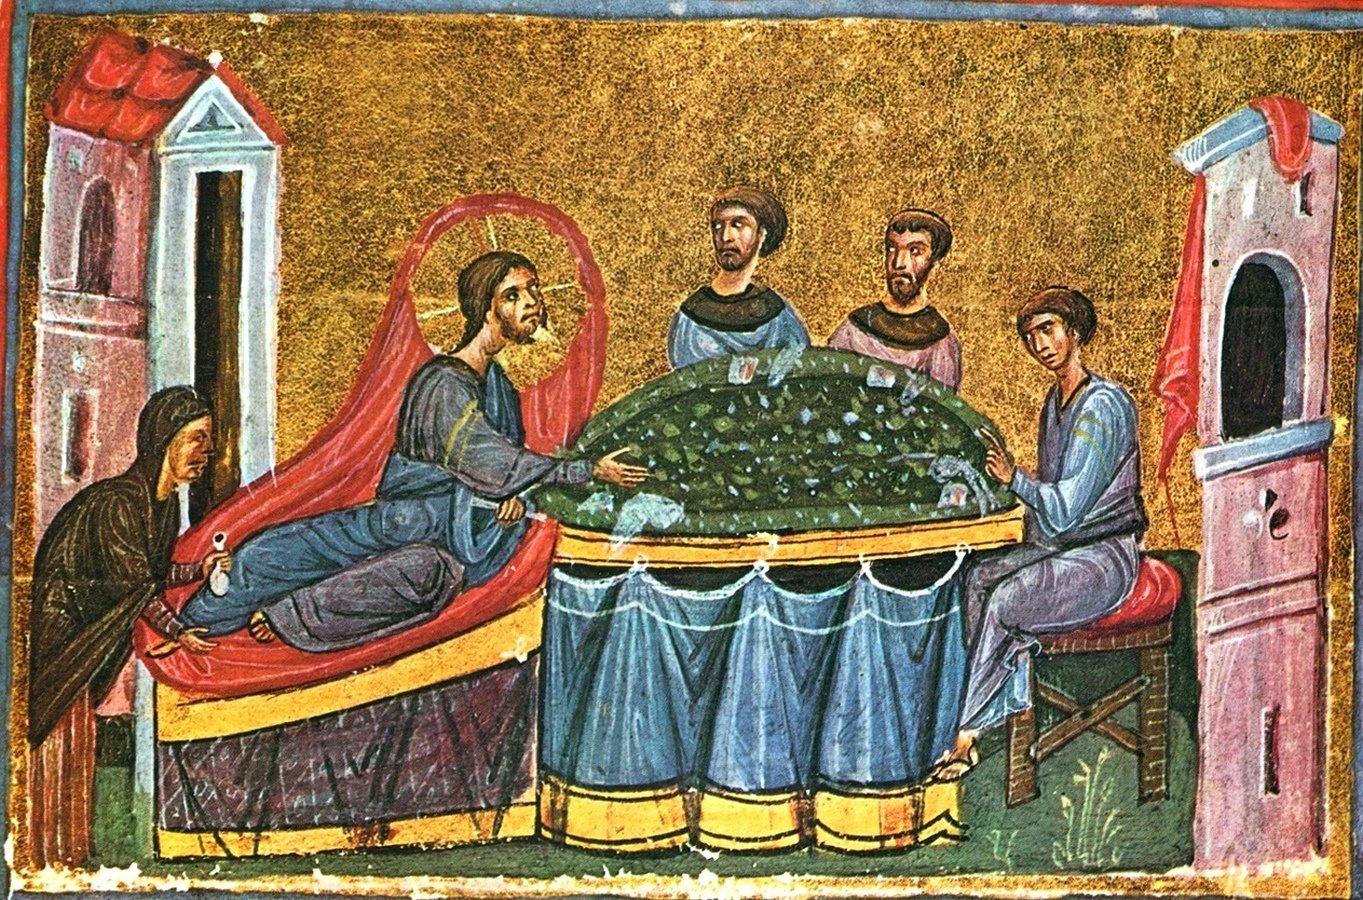 Христос в доме Симона прокаженного. Византийская миниатюра.